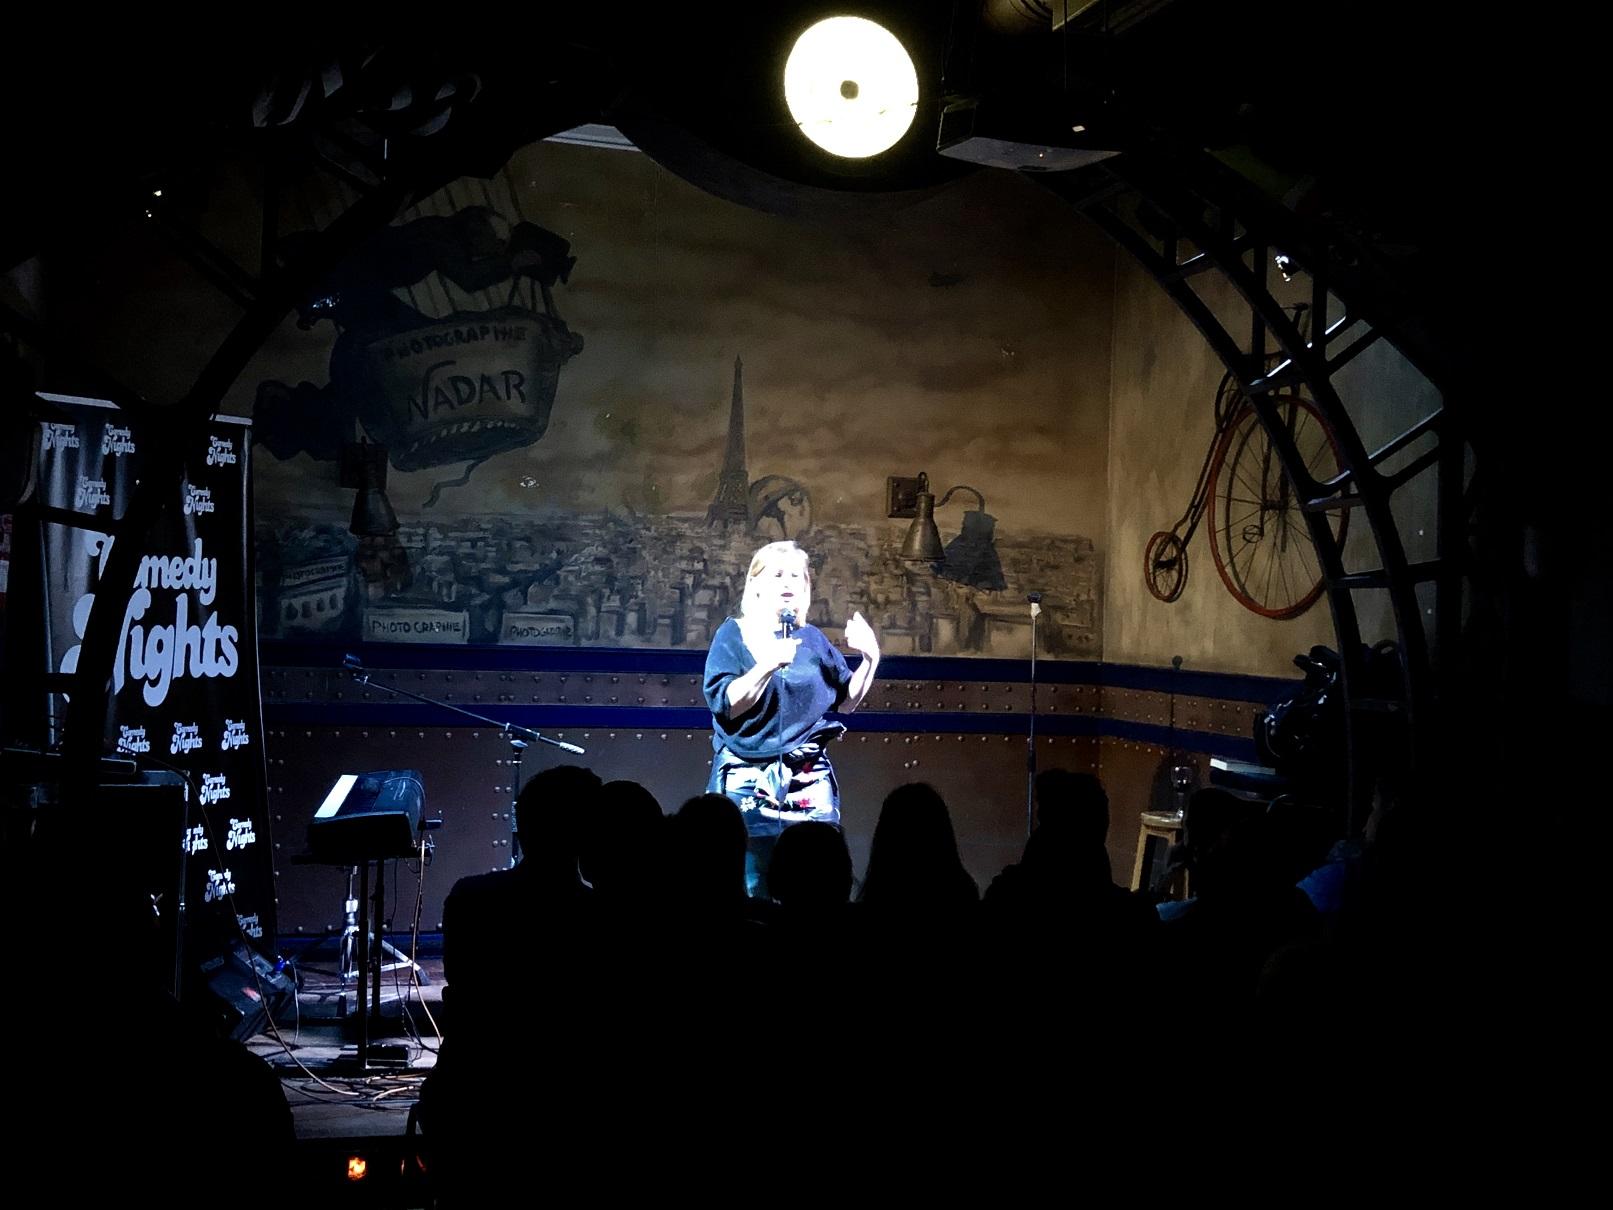 Noche de las grandes con Luis Álvaro, Tappy y Bianca Kovacs con los Comikaze en Beer Station